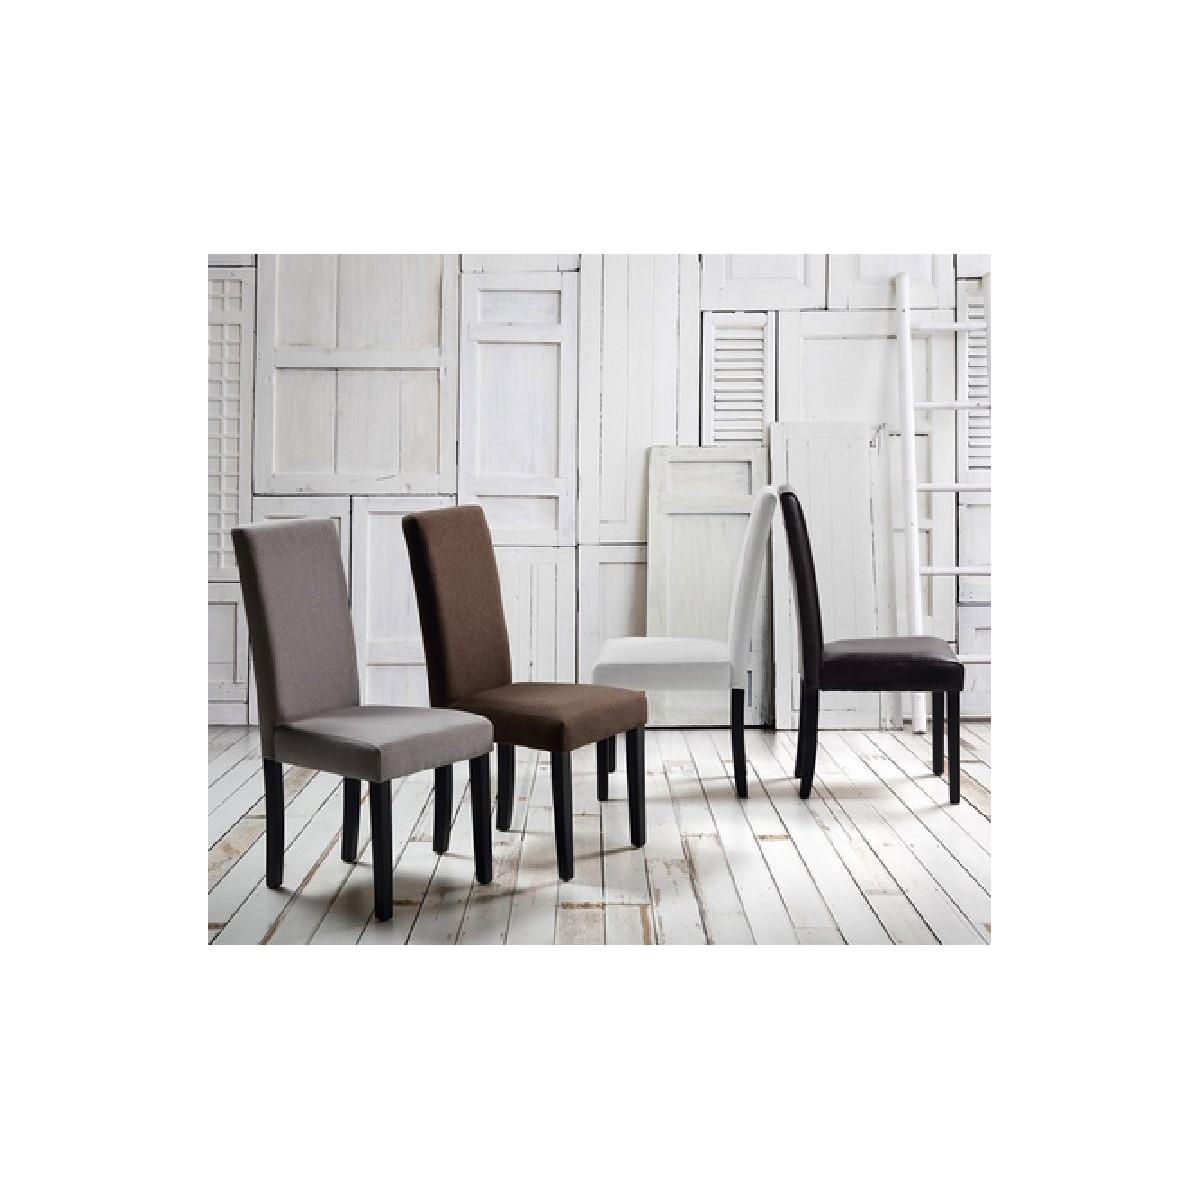 Silla moderna polipiel blanca de camino a casa cozy for Camino a casa muebles